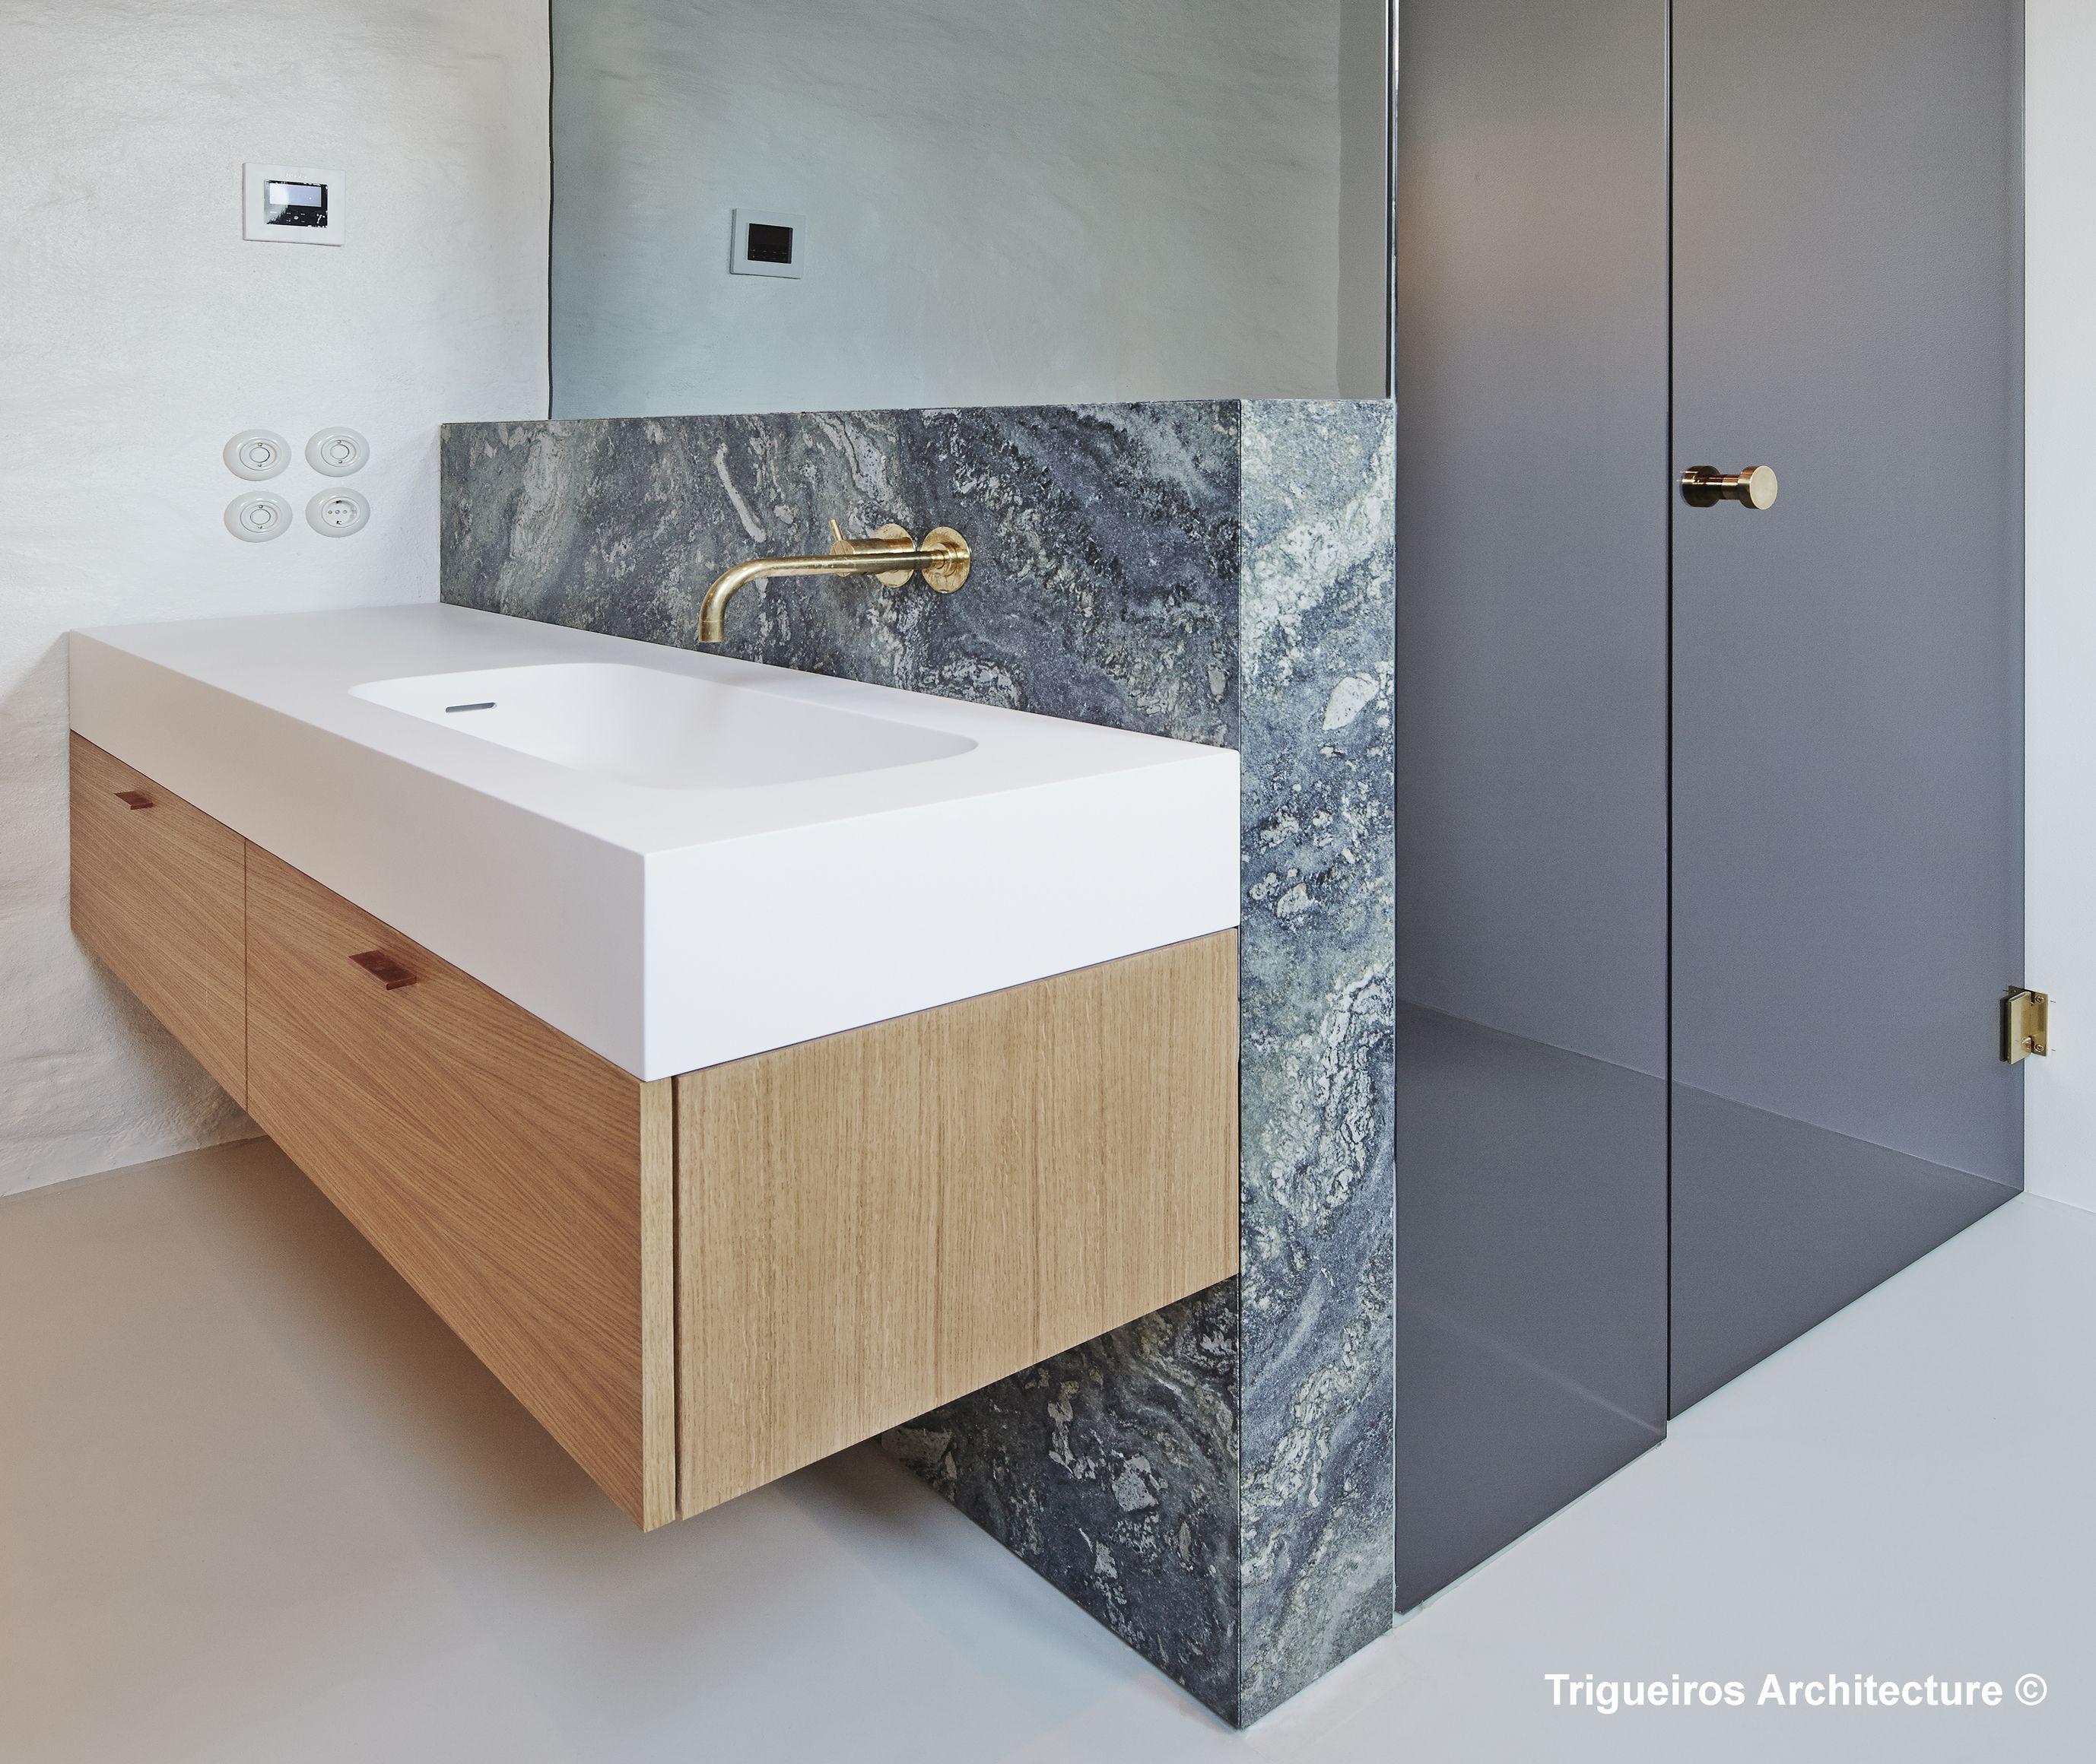 VOLA Designs vola arne jacobsen scandinavian design bathroom